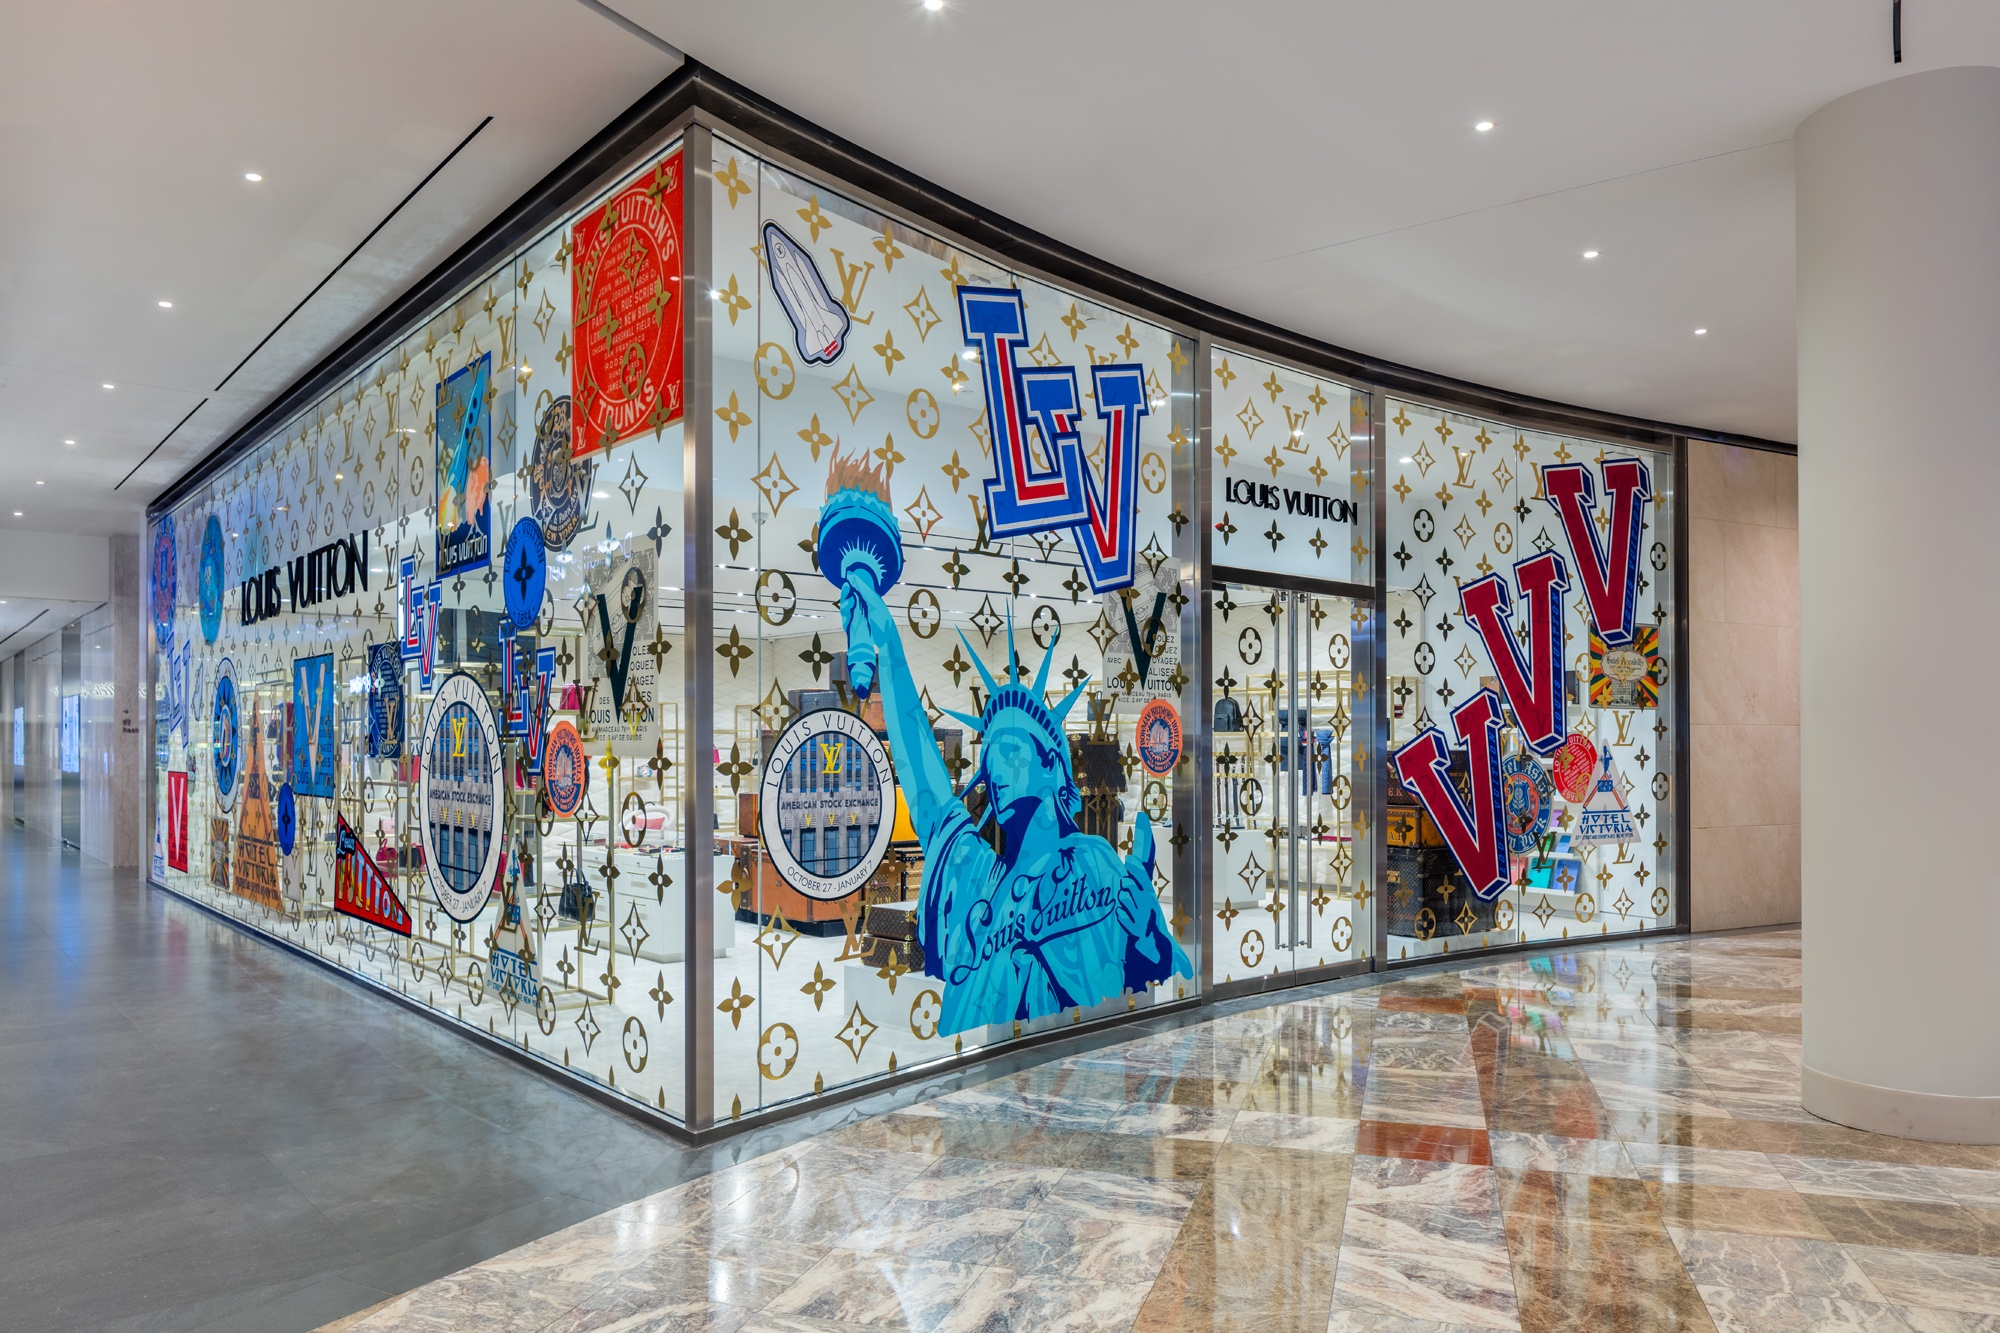 Thumbnail for Louis Vuitton Volez, Voguez, Voyagez Exhibition New York